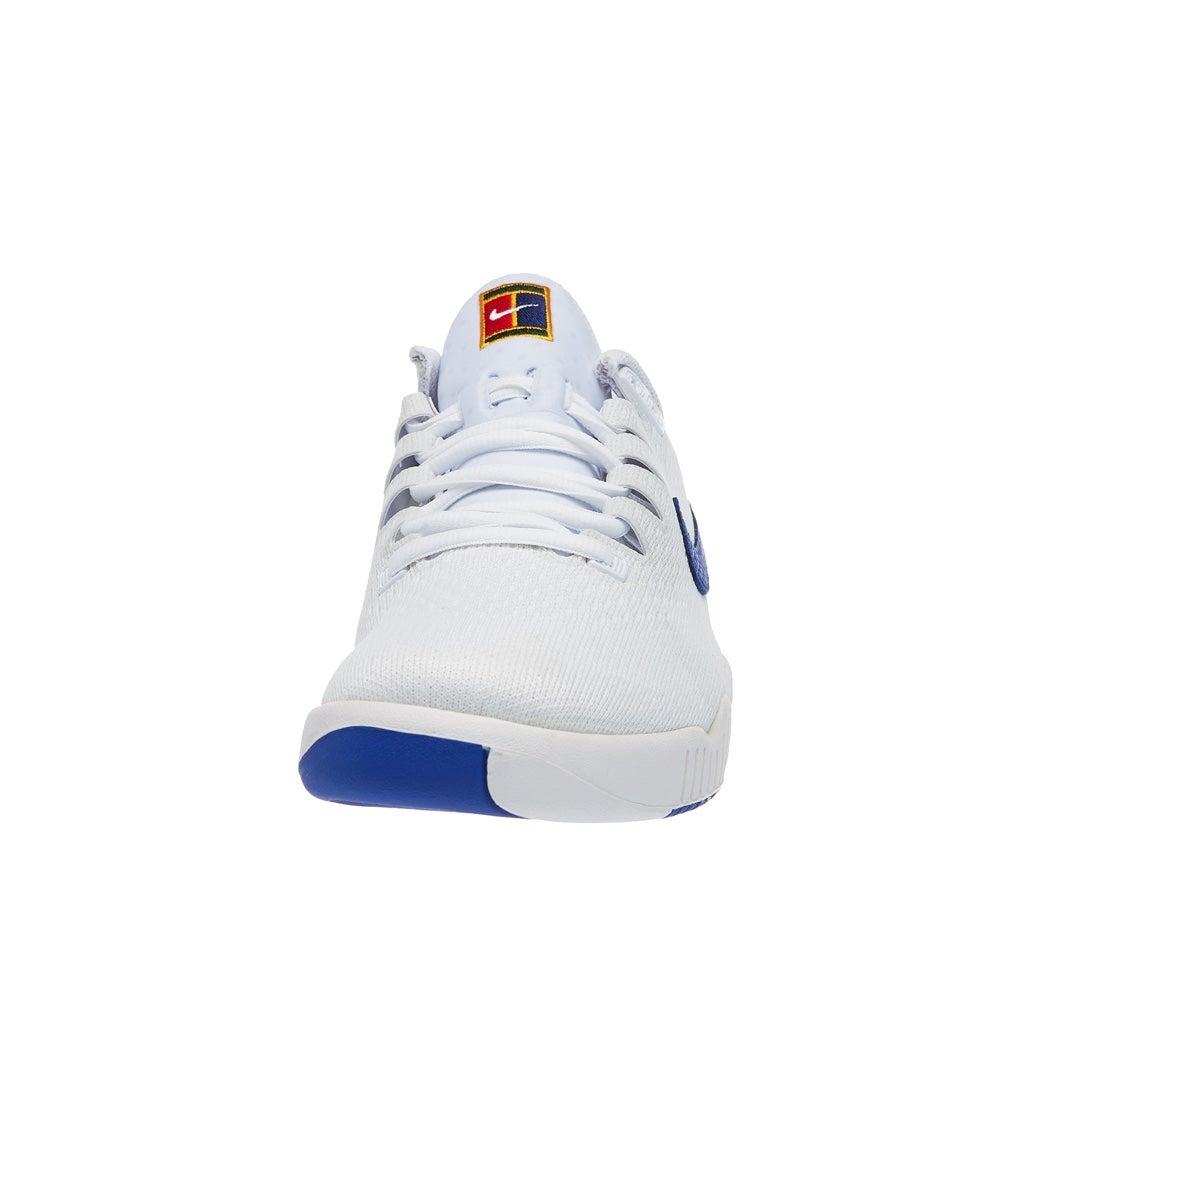 Nike Vapor X Tech Challenge LE White